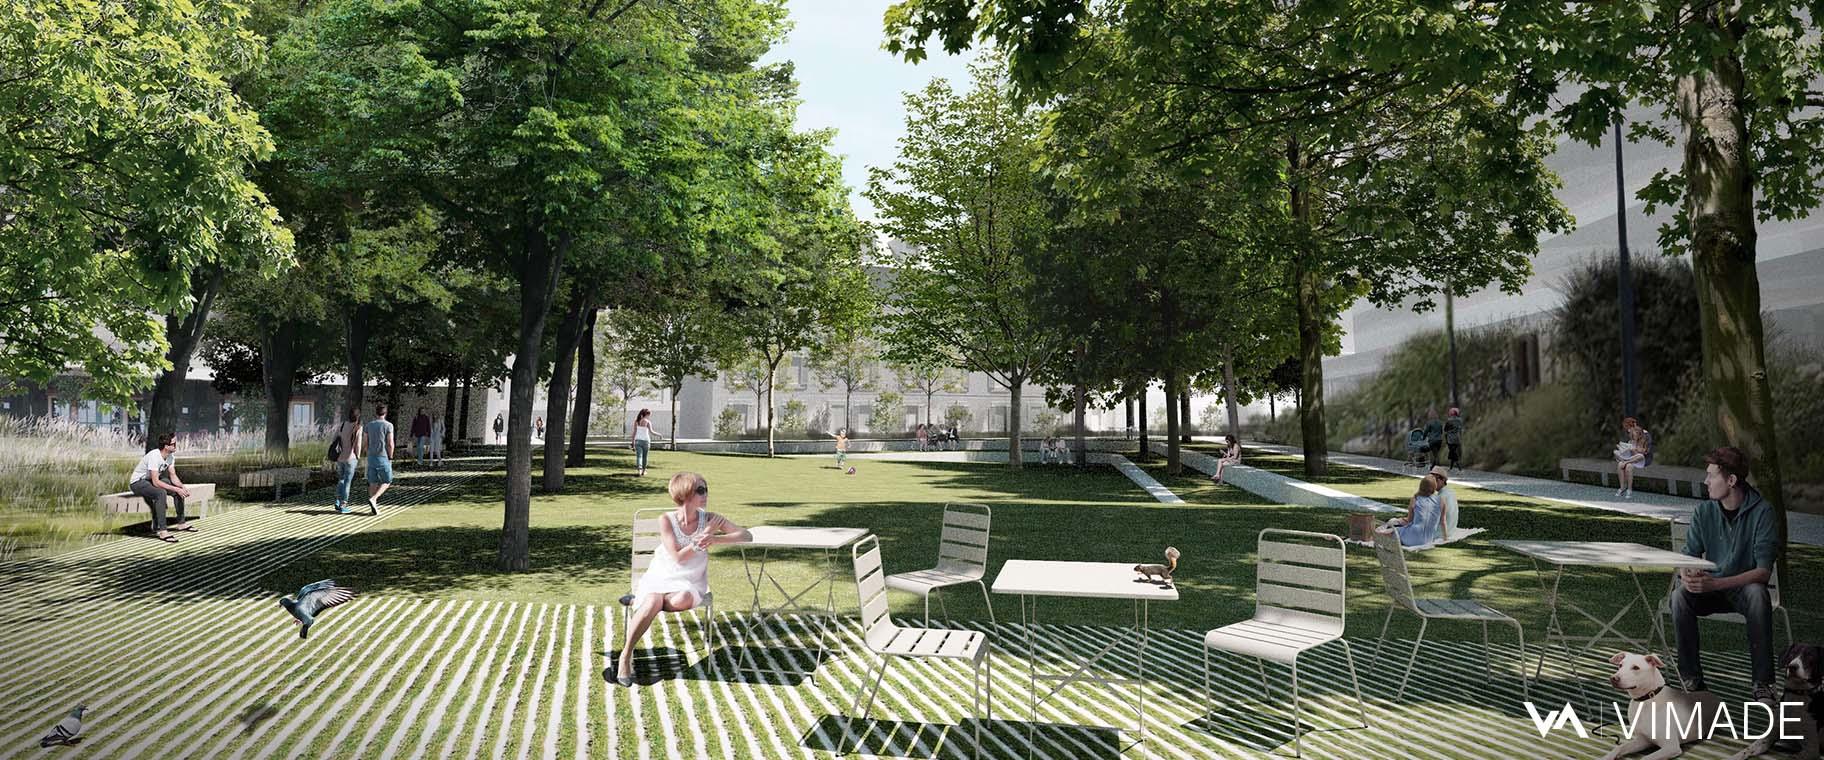 Image directrice paysagère pour le plan localisé de quartier Tannerie-Guillocheur à Carouge avec un parc au coeur, VIMADE Architectes paysagistes